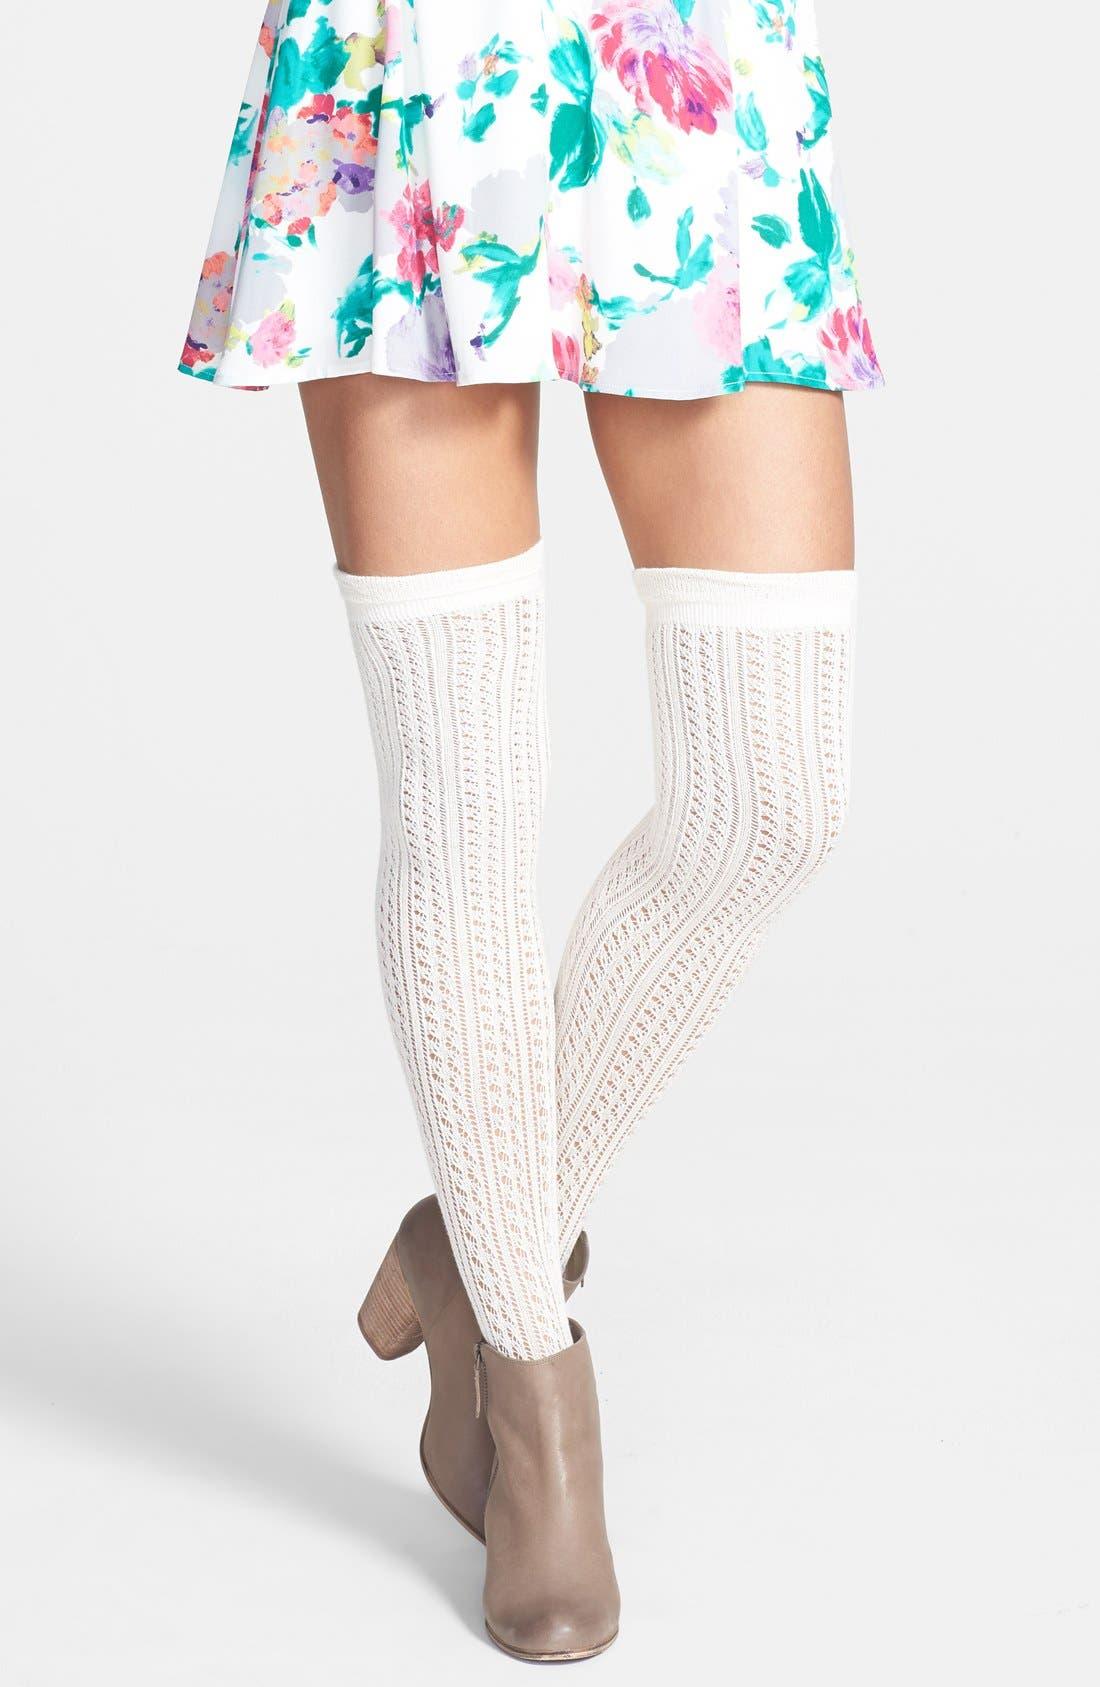 Alternate Image 1 Selected - K. Bell Socks Pointelle Over the Knee Socks